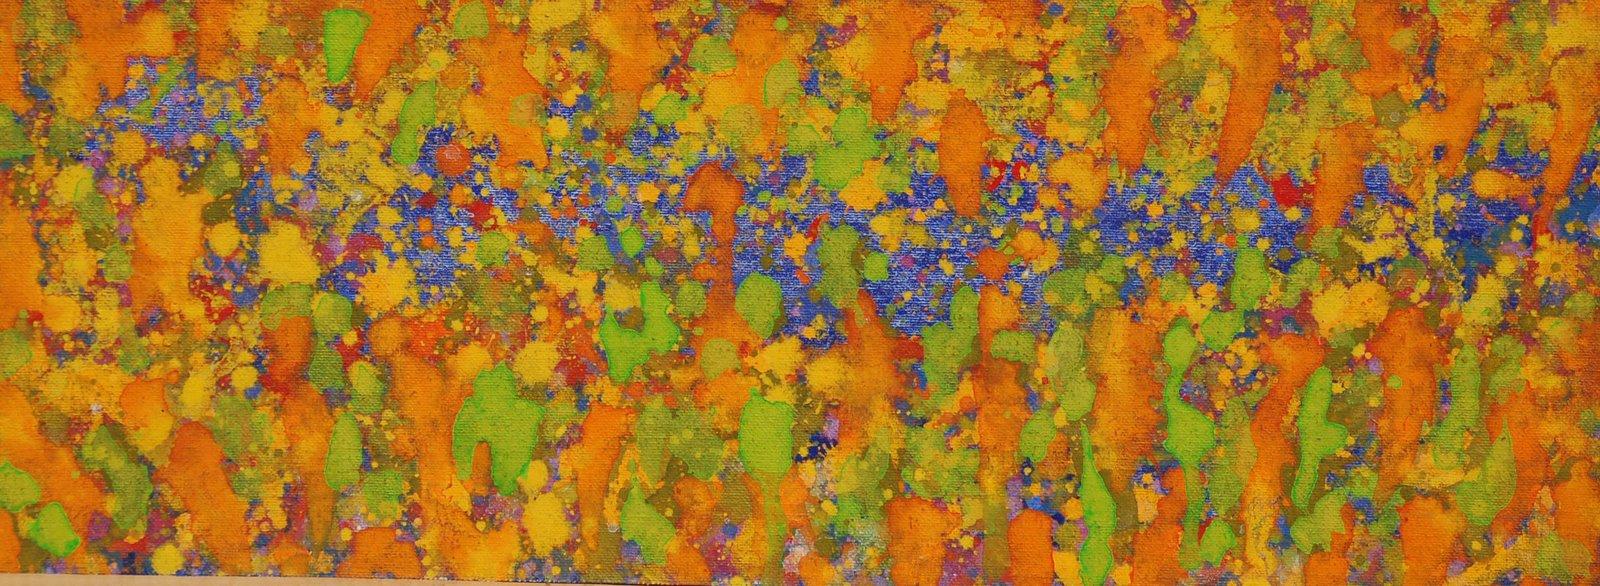 [5.+Follaje+en+amarillo+16.5+x+44+cm.jpg]